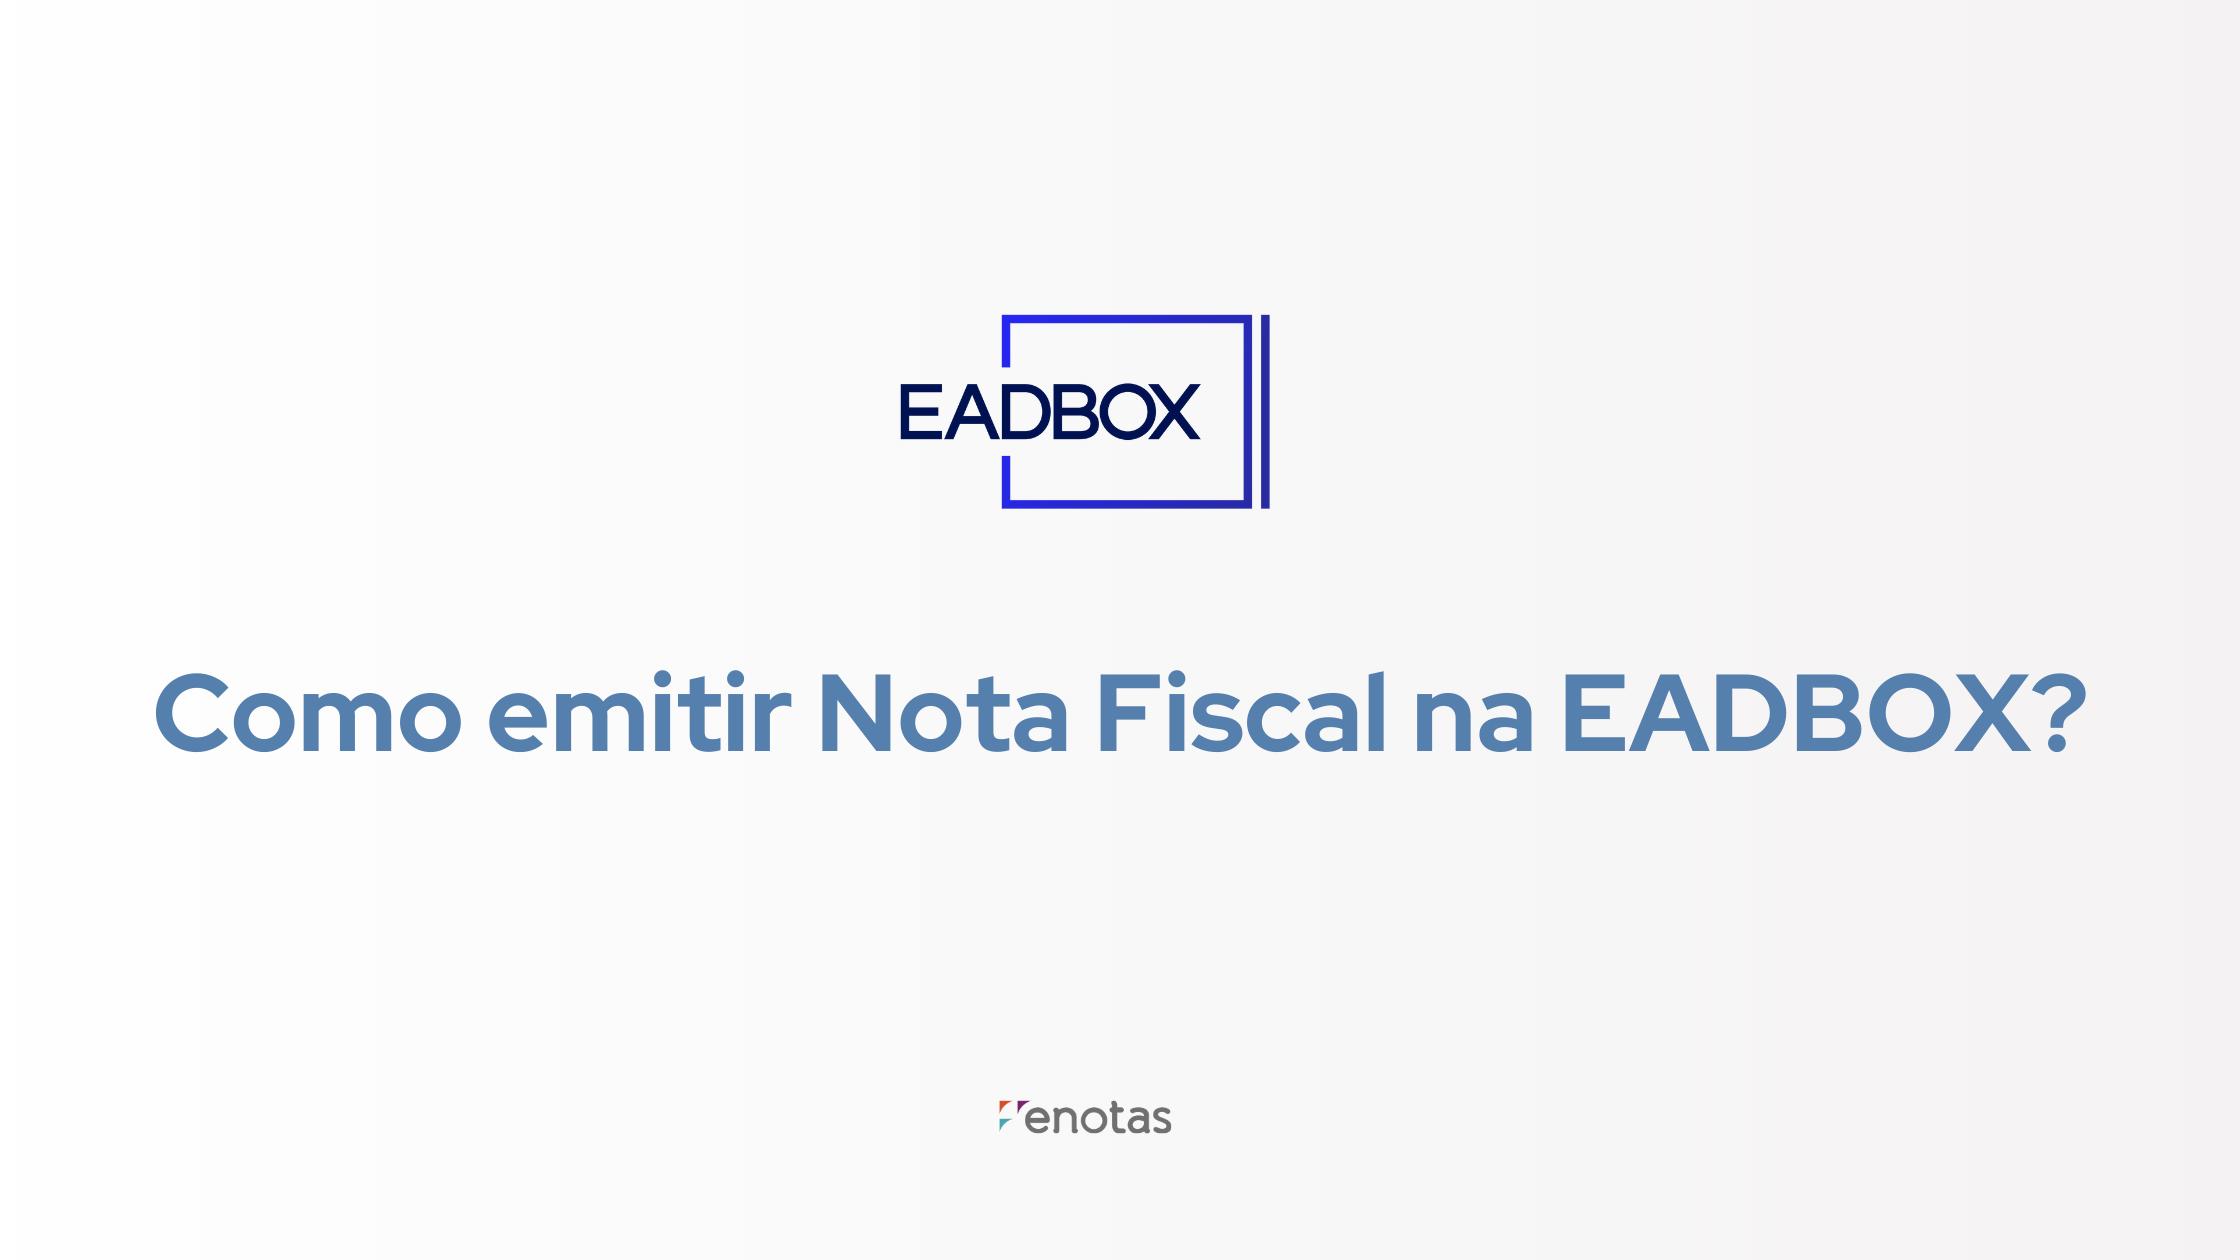 emitir na fiscal na eadbox